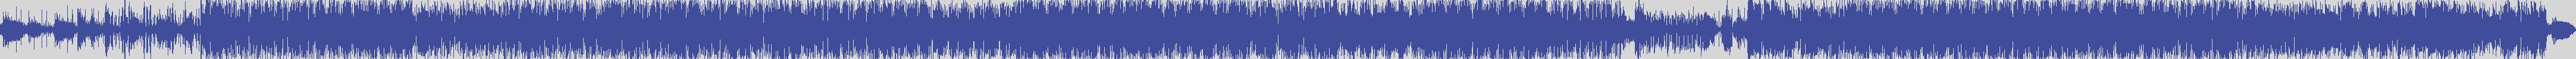 worldwide_music_records [WMR002] Difetti Sonori - A Night in Miami [Original Mix] audio wave form